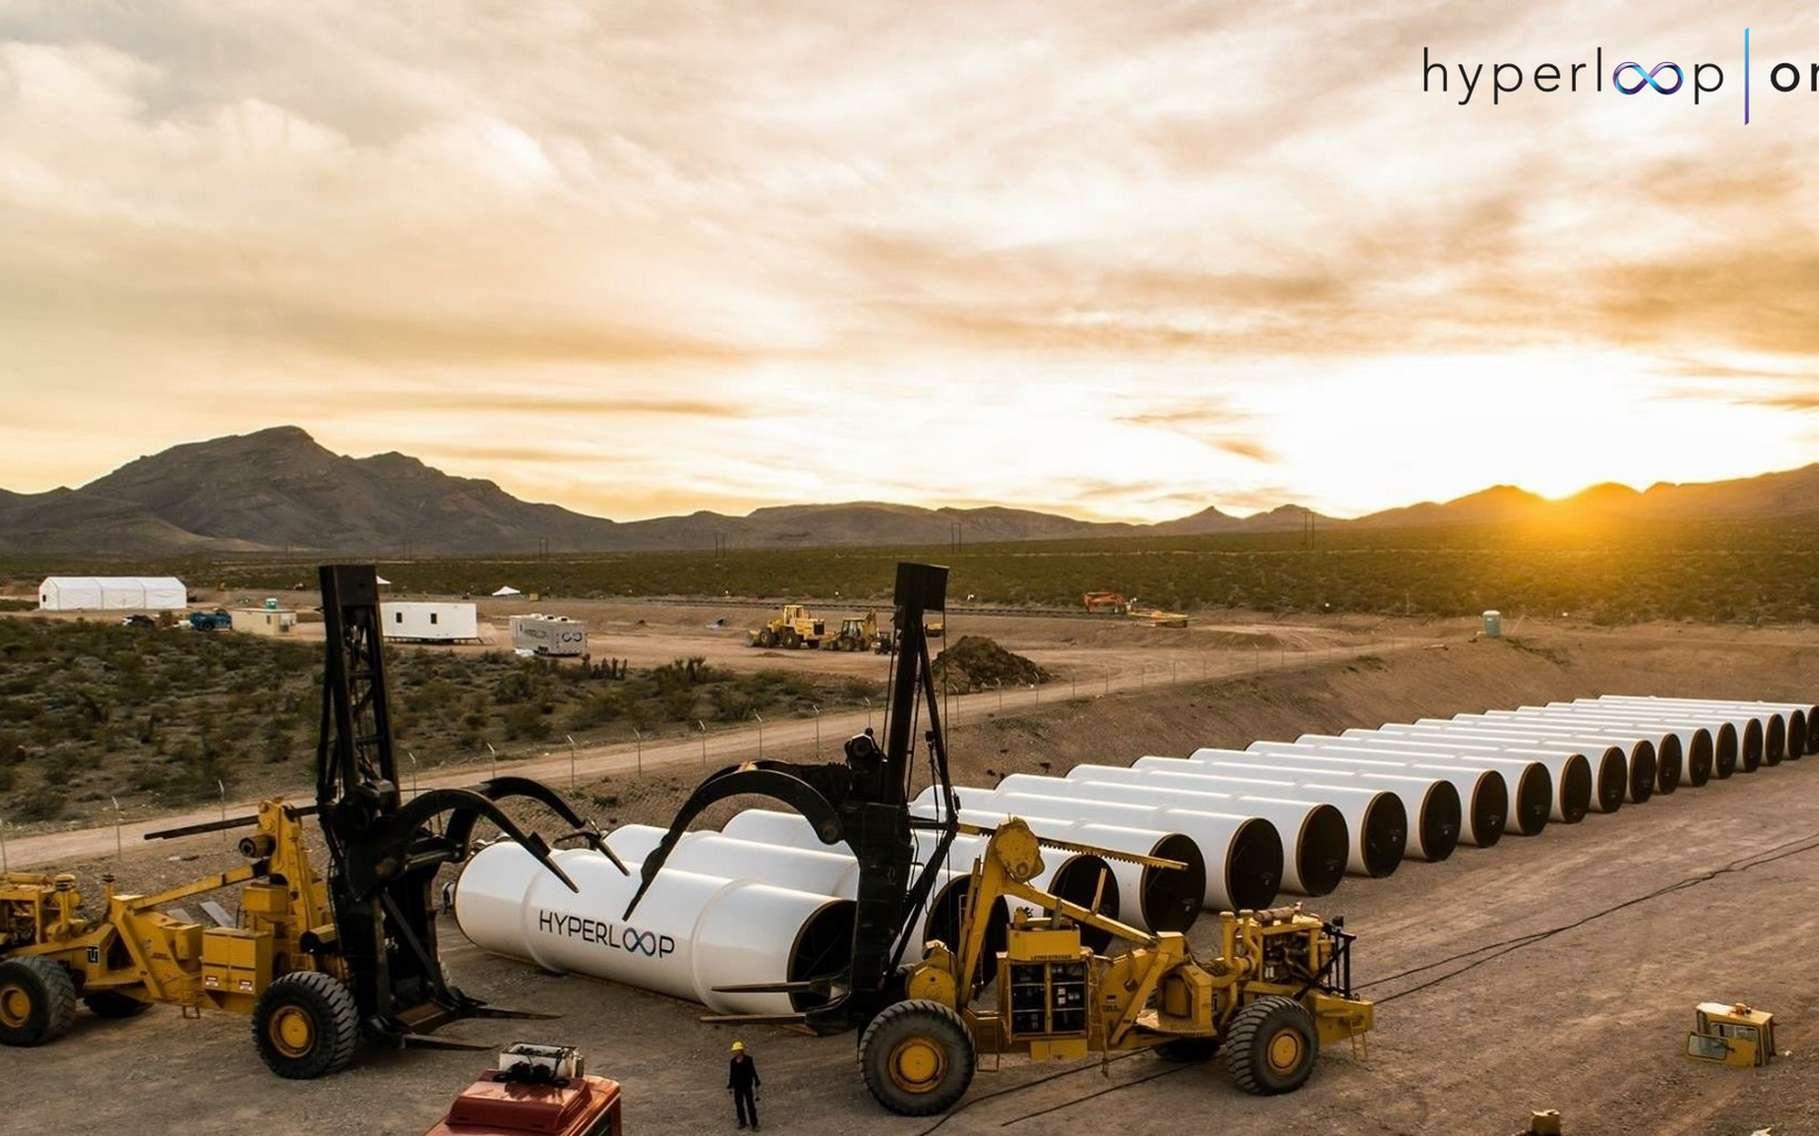 Après avoir testé avec succès le système de propulsion de son Hyperloop, Hyperloop One est en train d'assembler un tronçon d'essai sur son site basé dans le Nevada (États-Unis). Un test de prototype à échelle réelle sera conduit en fin d'année. Avec l'entreprise russe Summa Group, la société nord-américaine a pour but de transporter du fret entre la Chine et l'Europe en une journée. © Hyperloop One